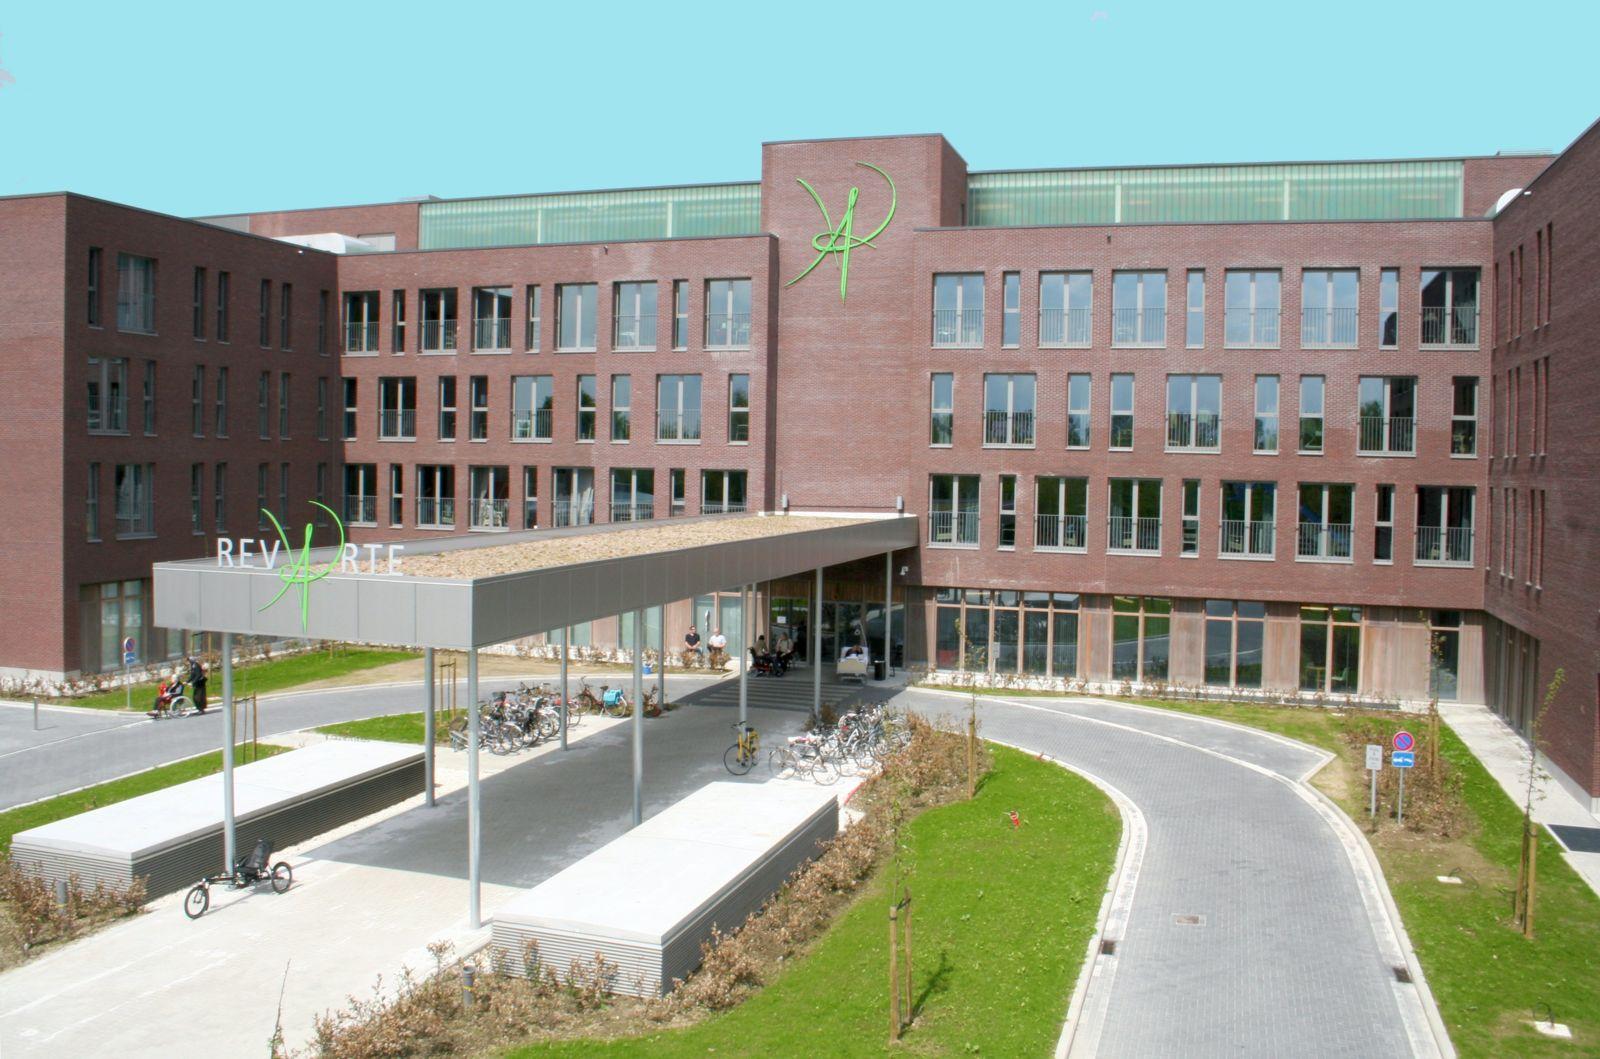 revalidatieziekenhuis RevArte opname